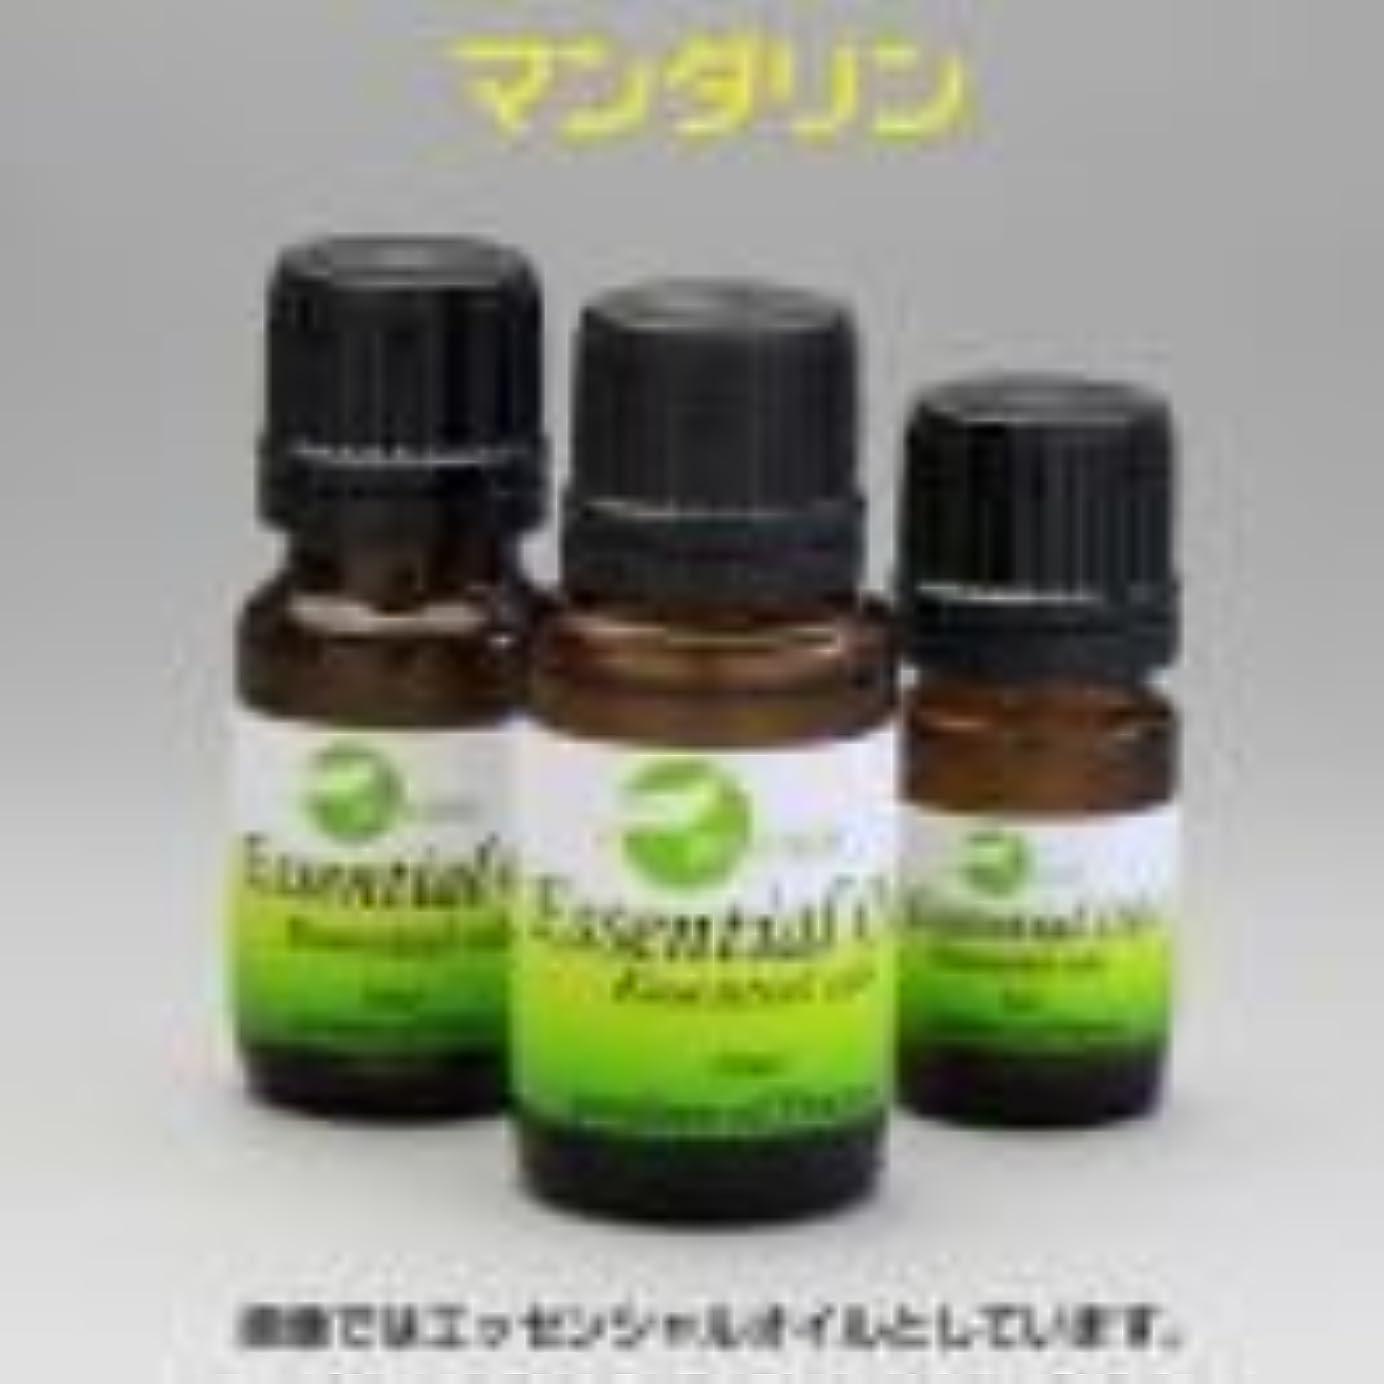 トピックまたはどちらか必要としている[エッセンシャルオイル] 甘くフレッシュな柑橘系特有の香り マンダリン 15ml